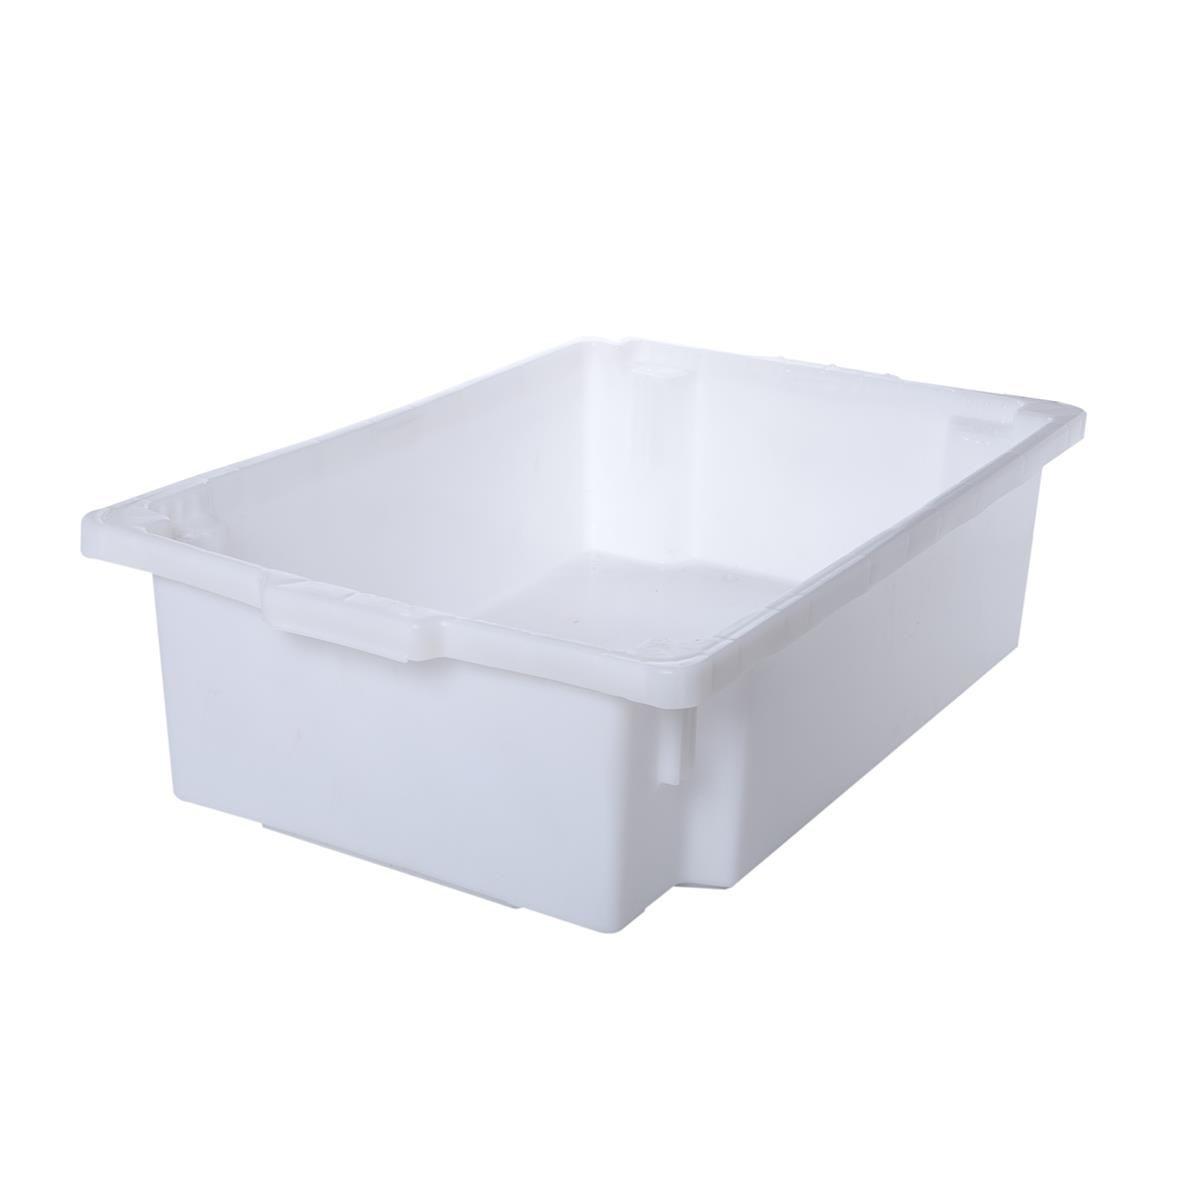 Caixa Organizadora Plástica Reforçada Com Tampa Supercron S-450 Branca 7 Litros